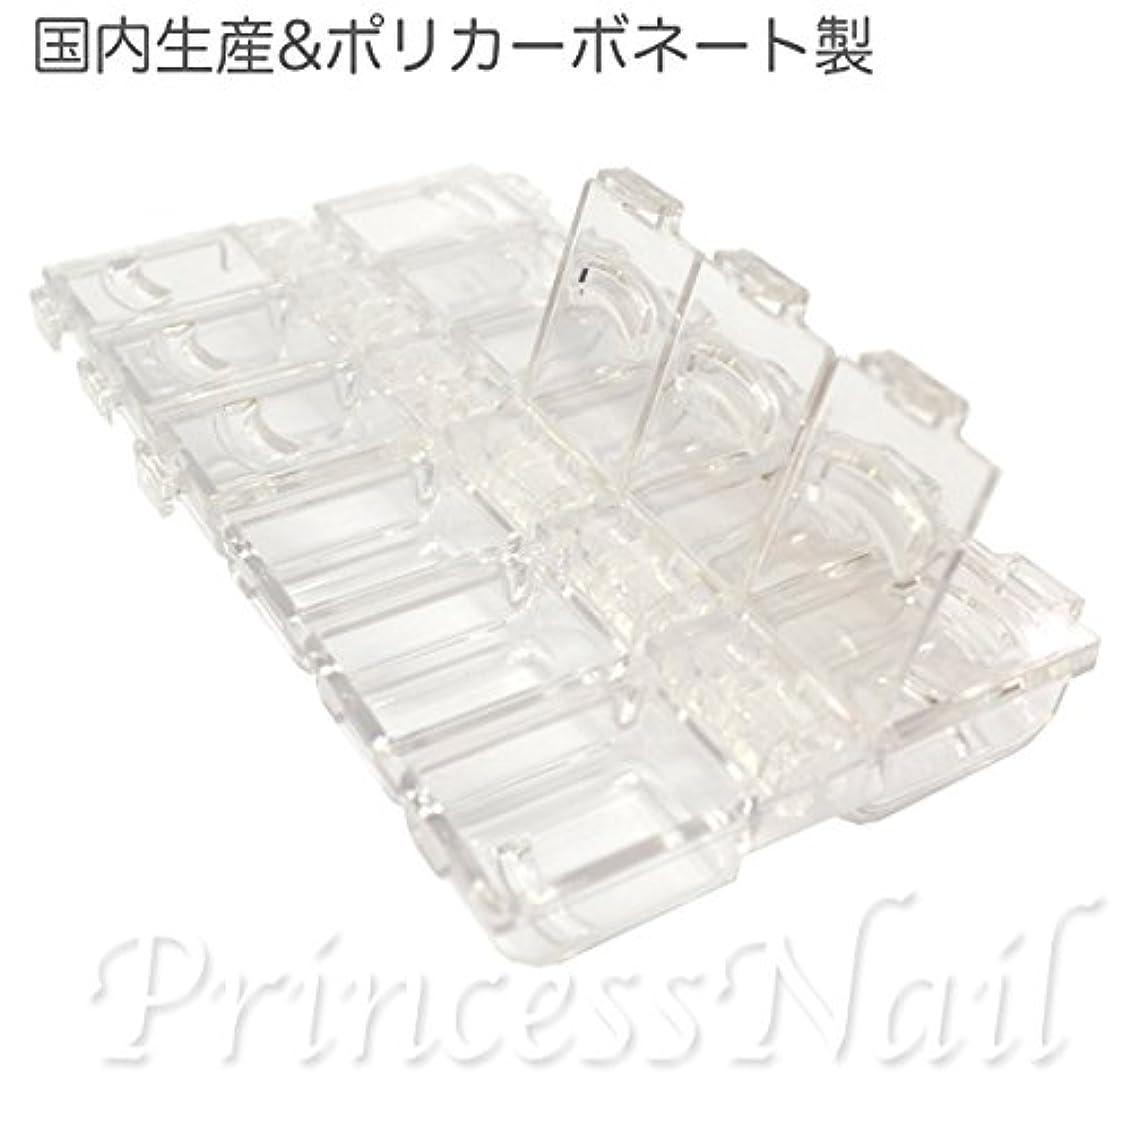 職業自治的市場国産のポリカーボネート製のパーツケース 12格子蓋付ケース!透明度が高くパーツも綺麗に見えます